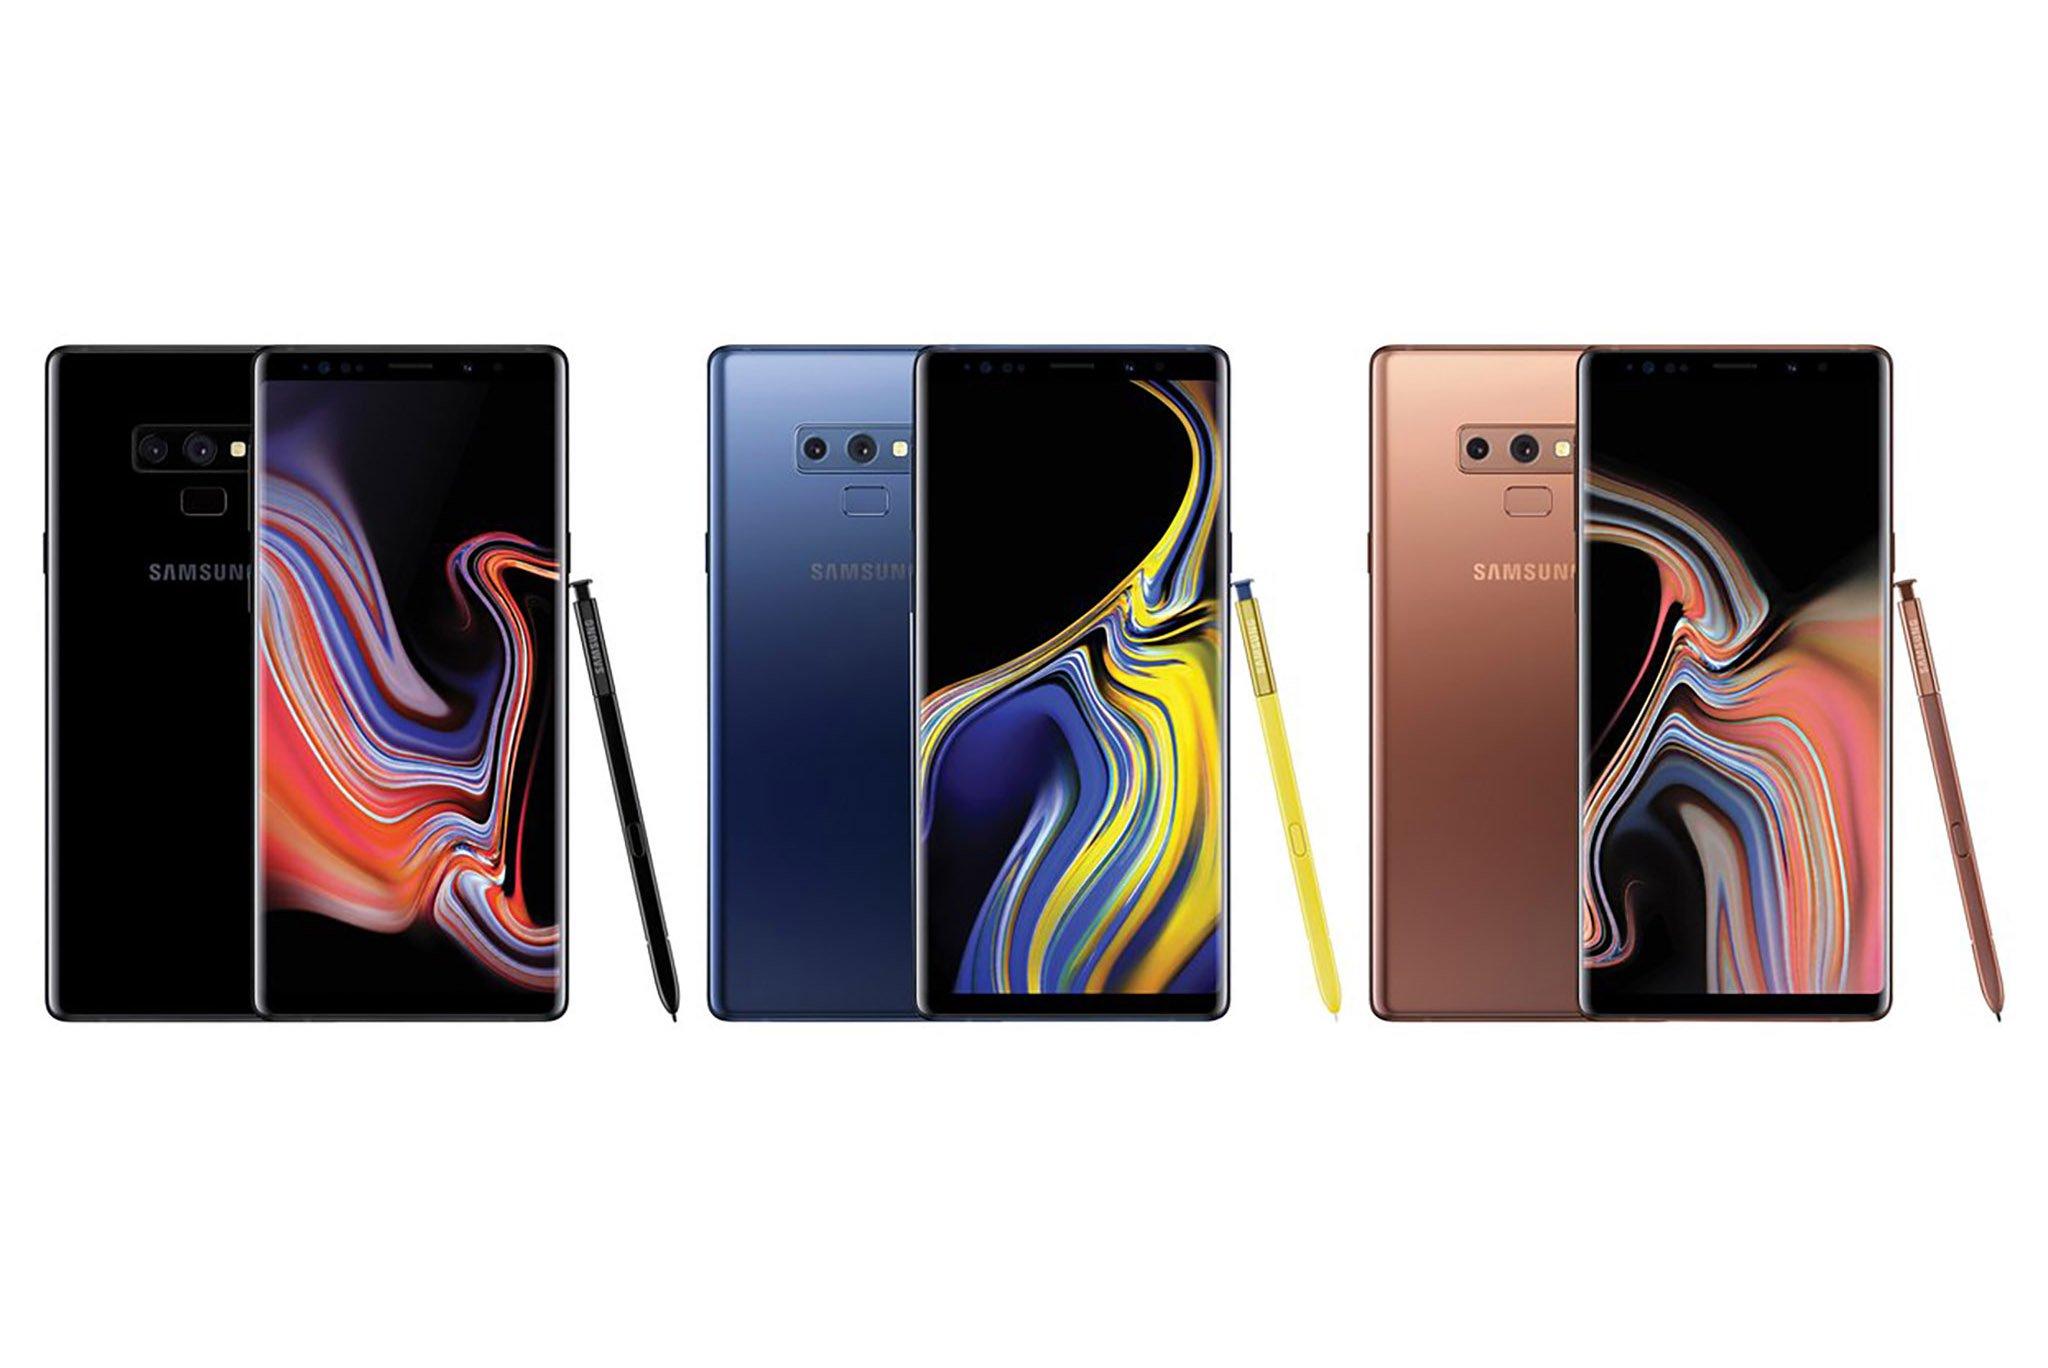 Tổng hợp các tin rò rỉ về Samsung Galaxy Note 9 trước ngày ra mắt.